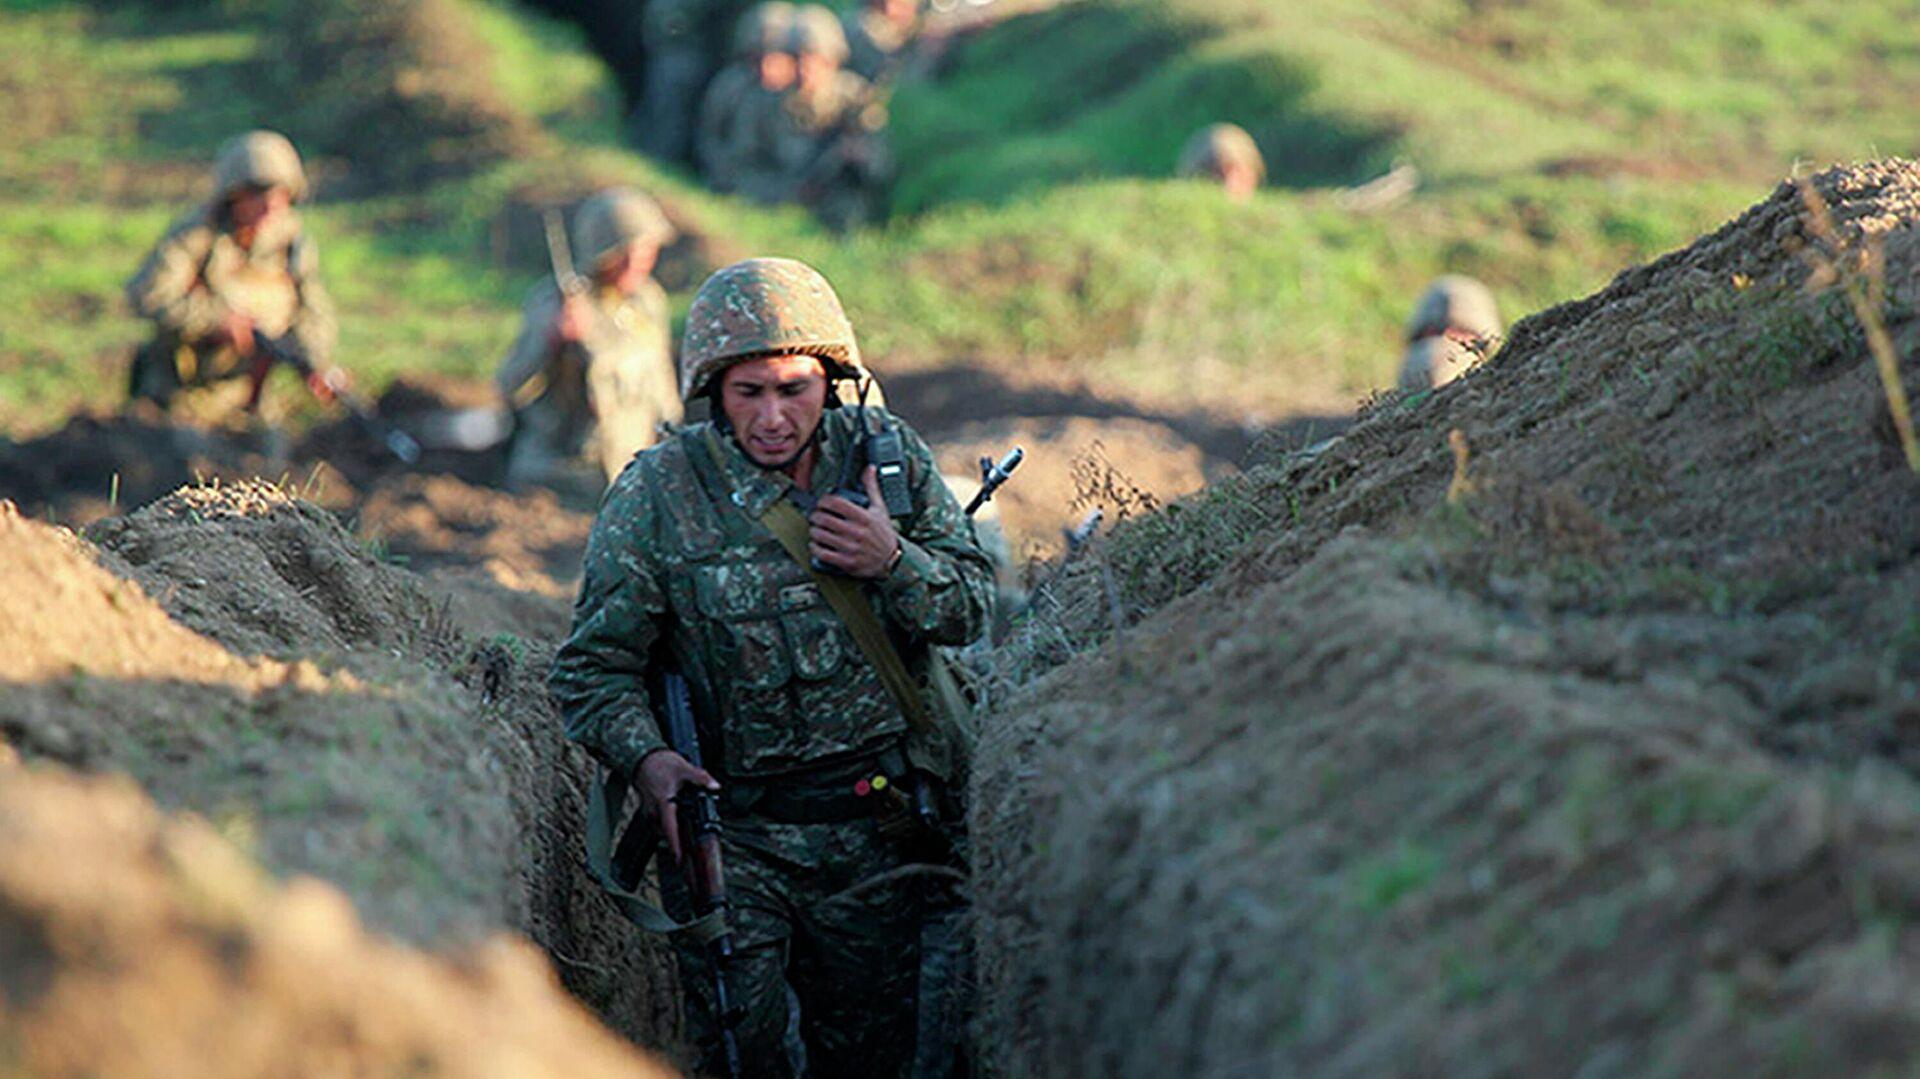 Армянские военные занимают позиции на линии фронта в Тавушской области, Армения - РИА Новости, 1920, 16.07.2020